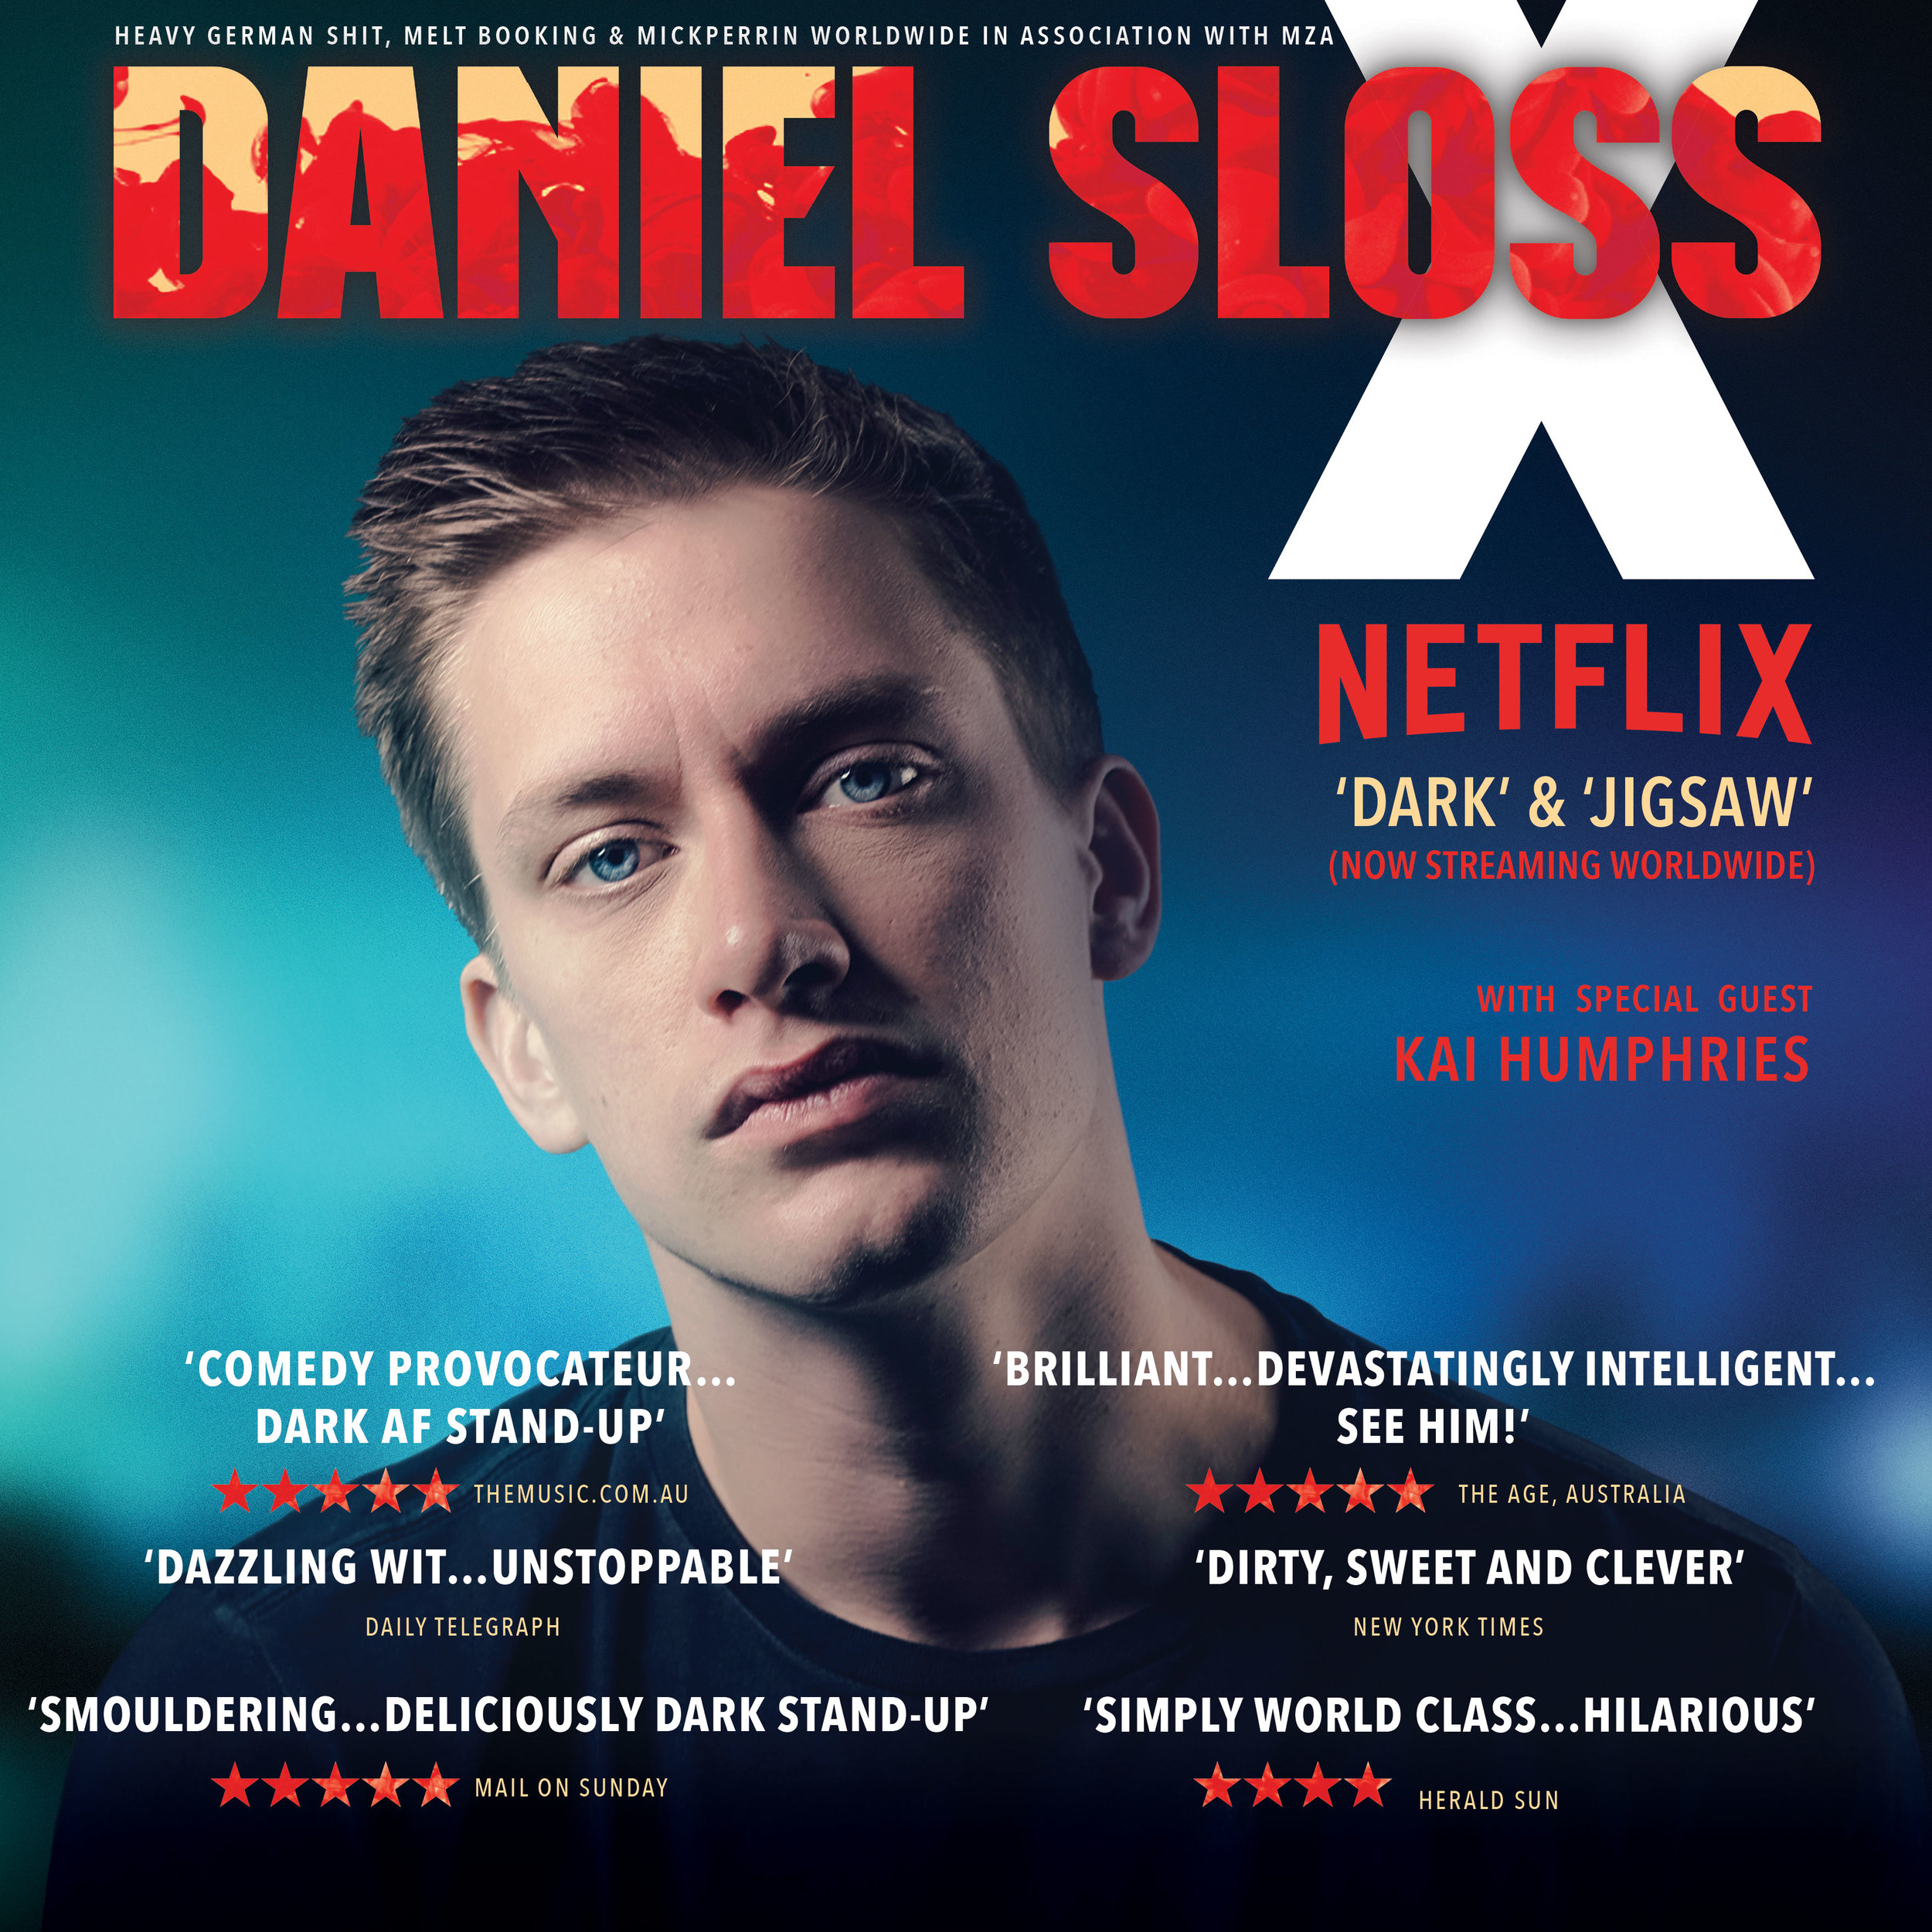 Daniel-Sloss-Instapost-Poster.jpg